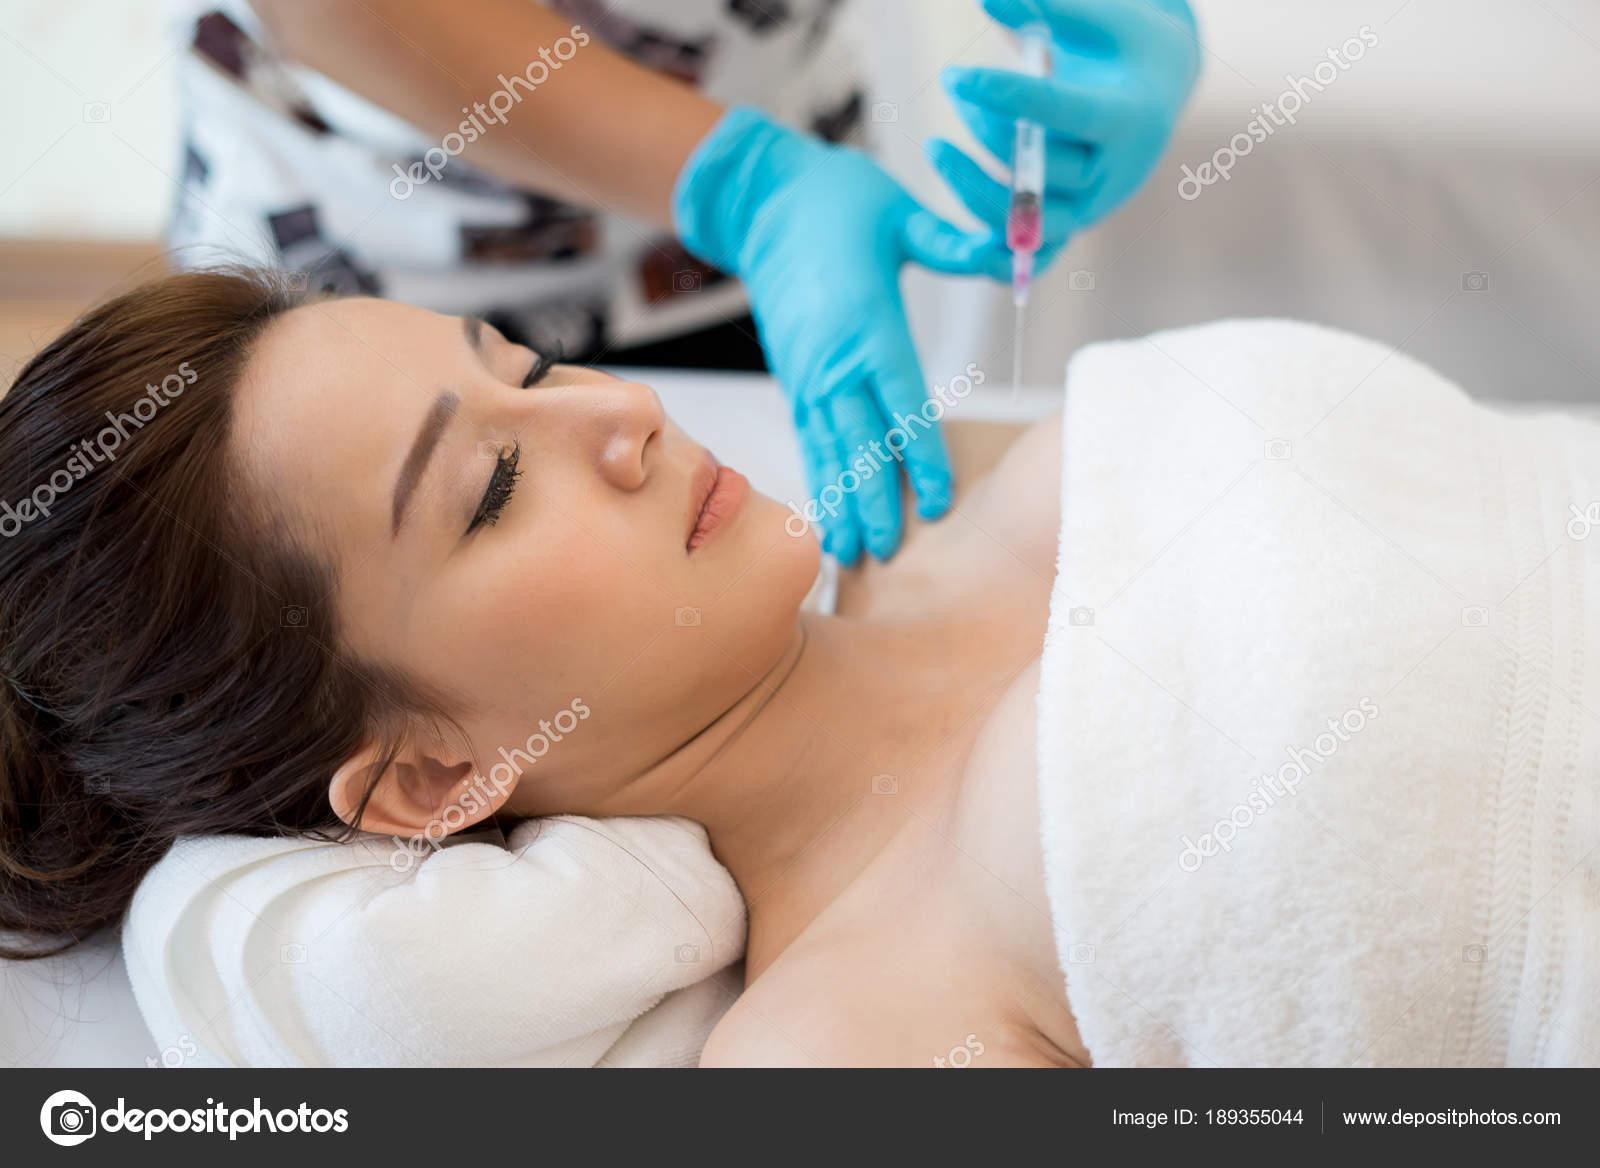 Surgery Cosmetology Inject Botox Breast — Stock Photo © Jcomp #189355044